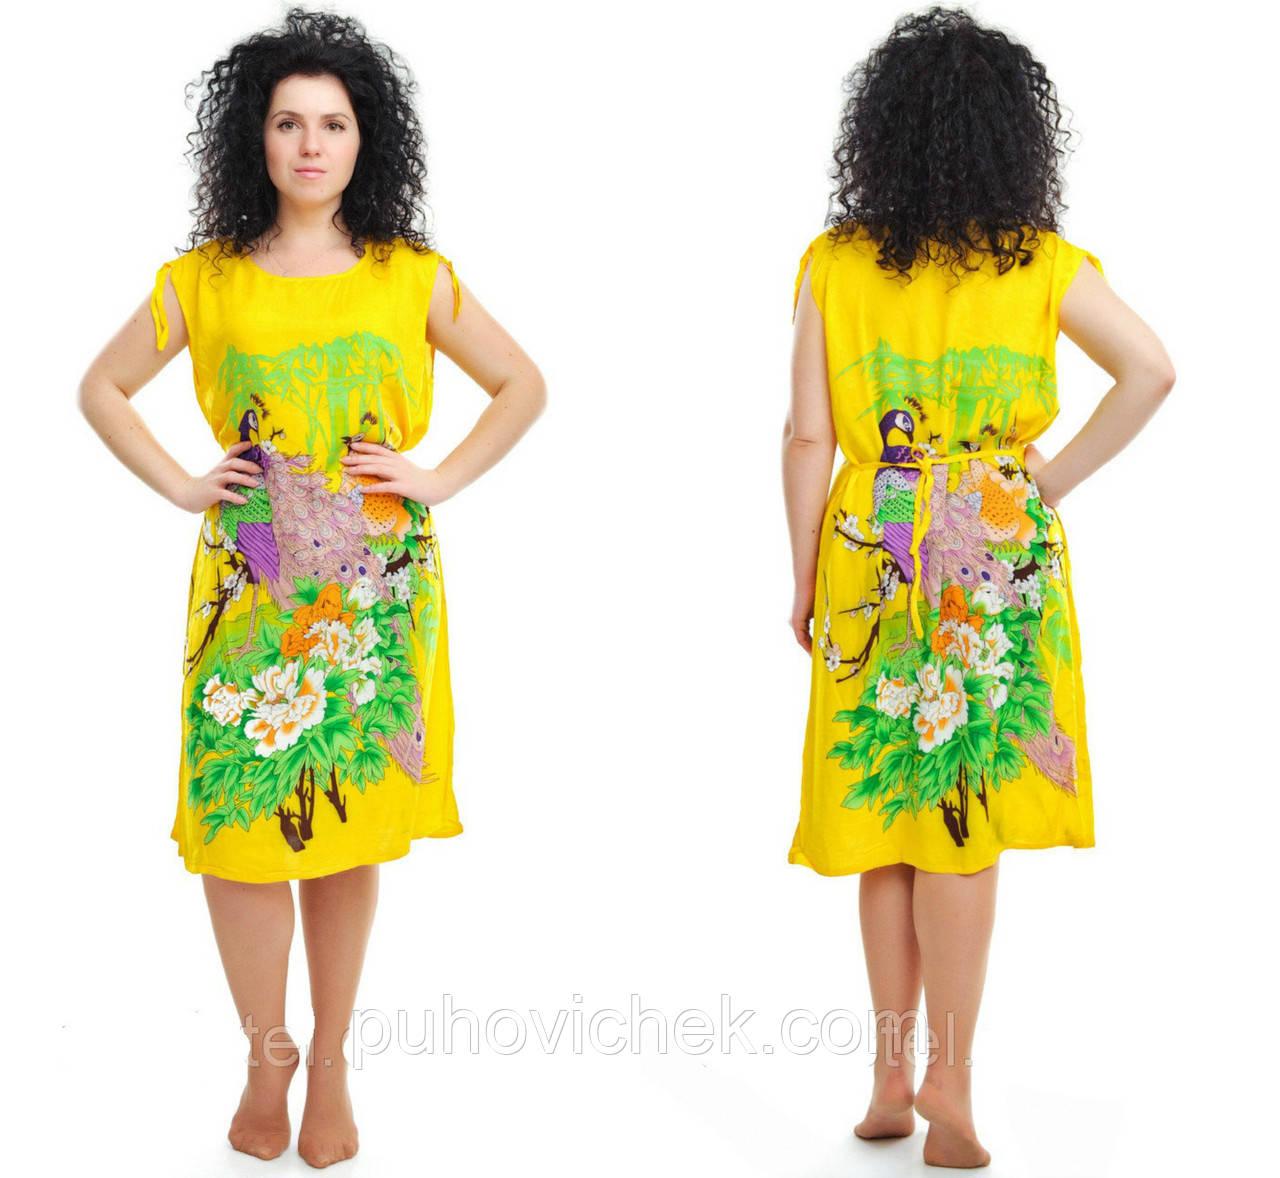 d53ab16509e Яркое платье туника женское интернет магазин - Интернет магазин Линия  одежды в Харькове